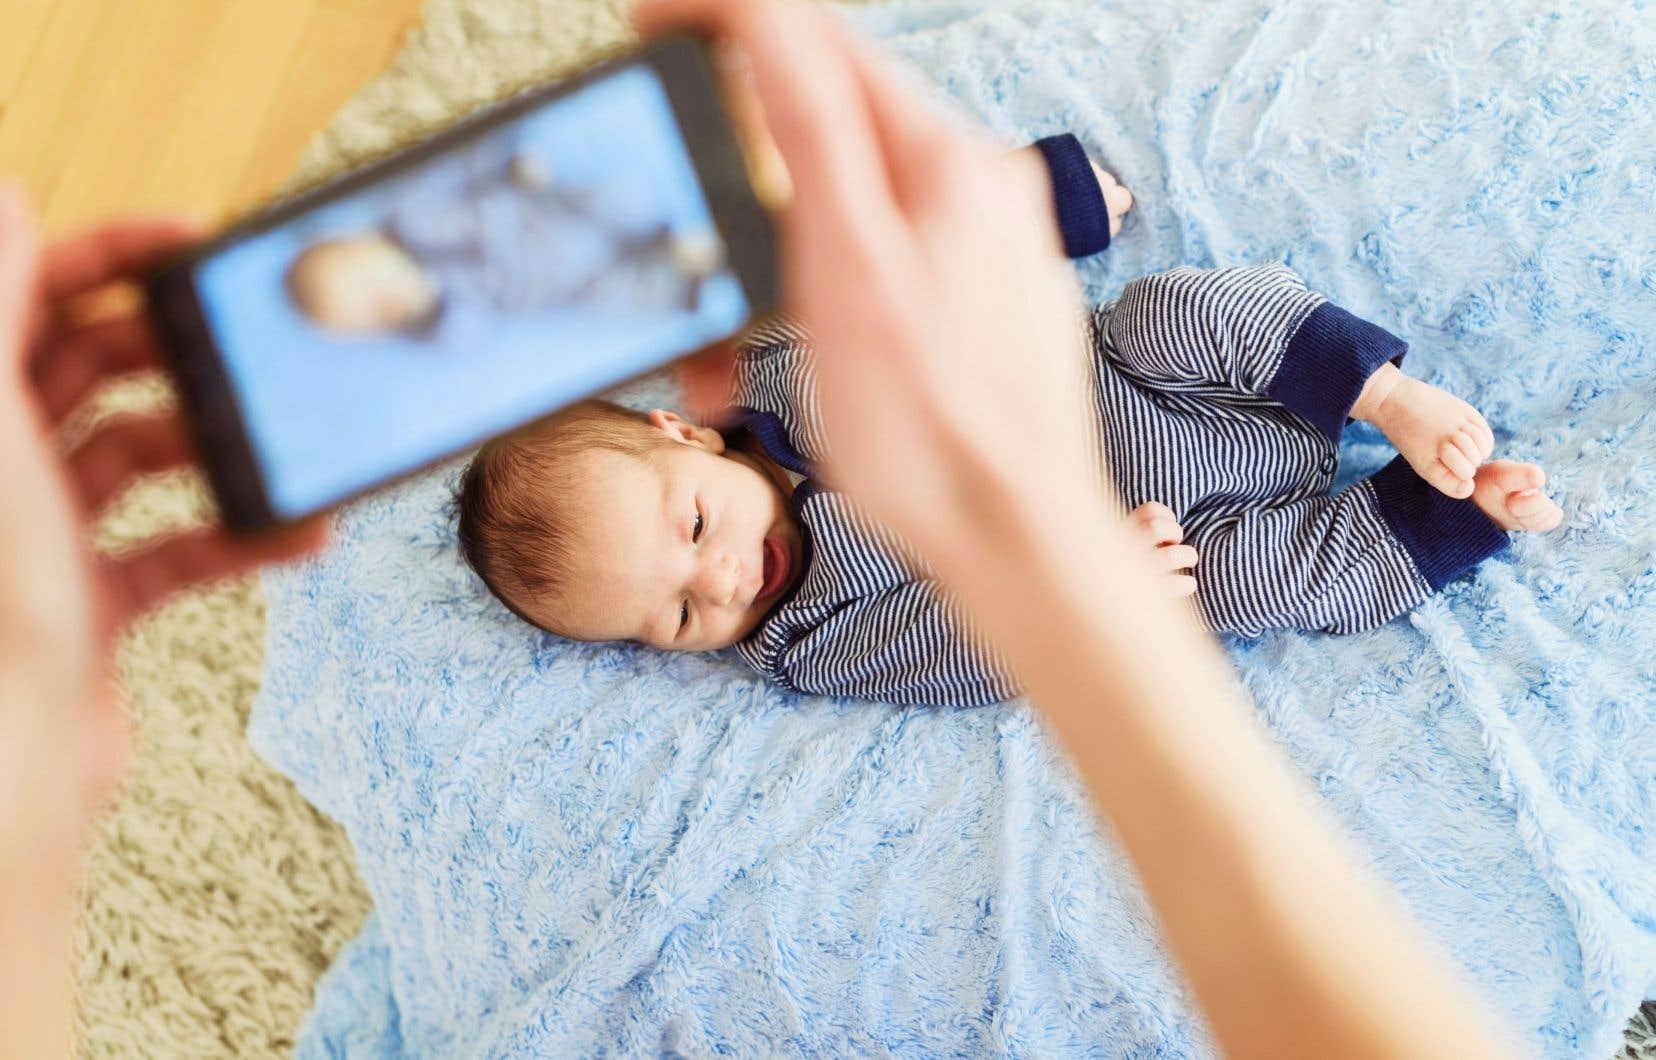 Seulement au Canada, on estime que plus de 85% des enfants de moins de deux ans ont déjà fait l'objet d'une publication sur les réseaux sociaux.